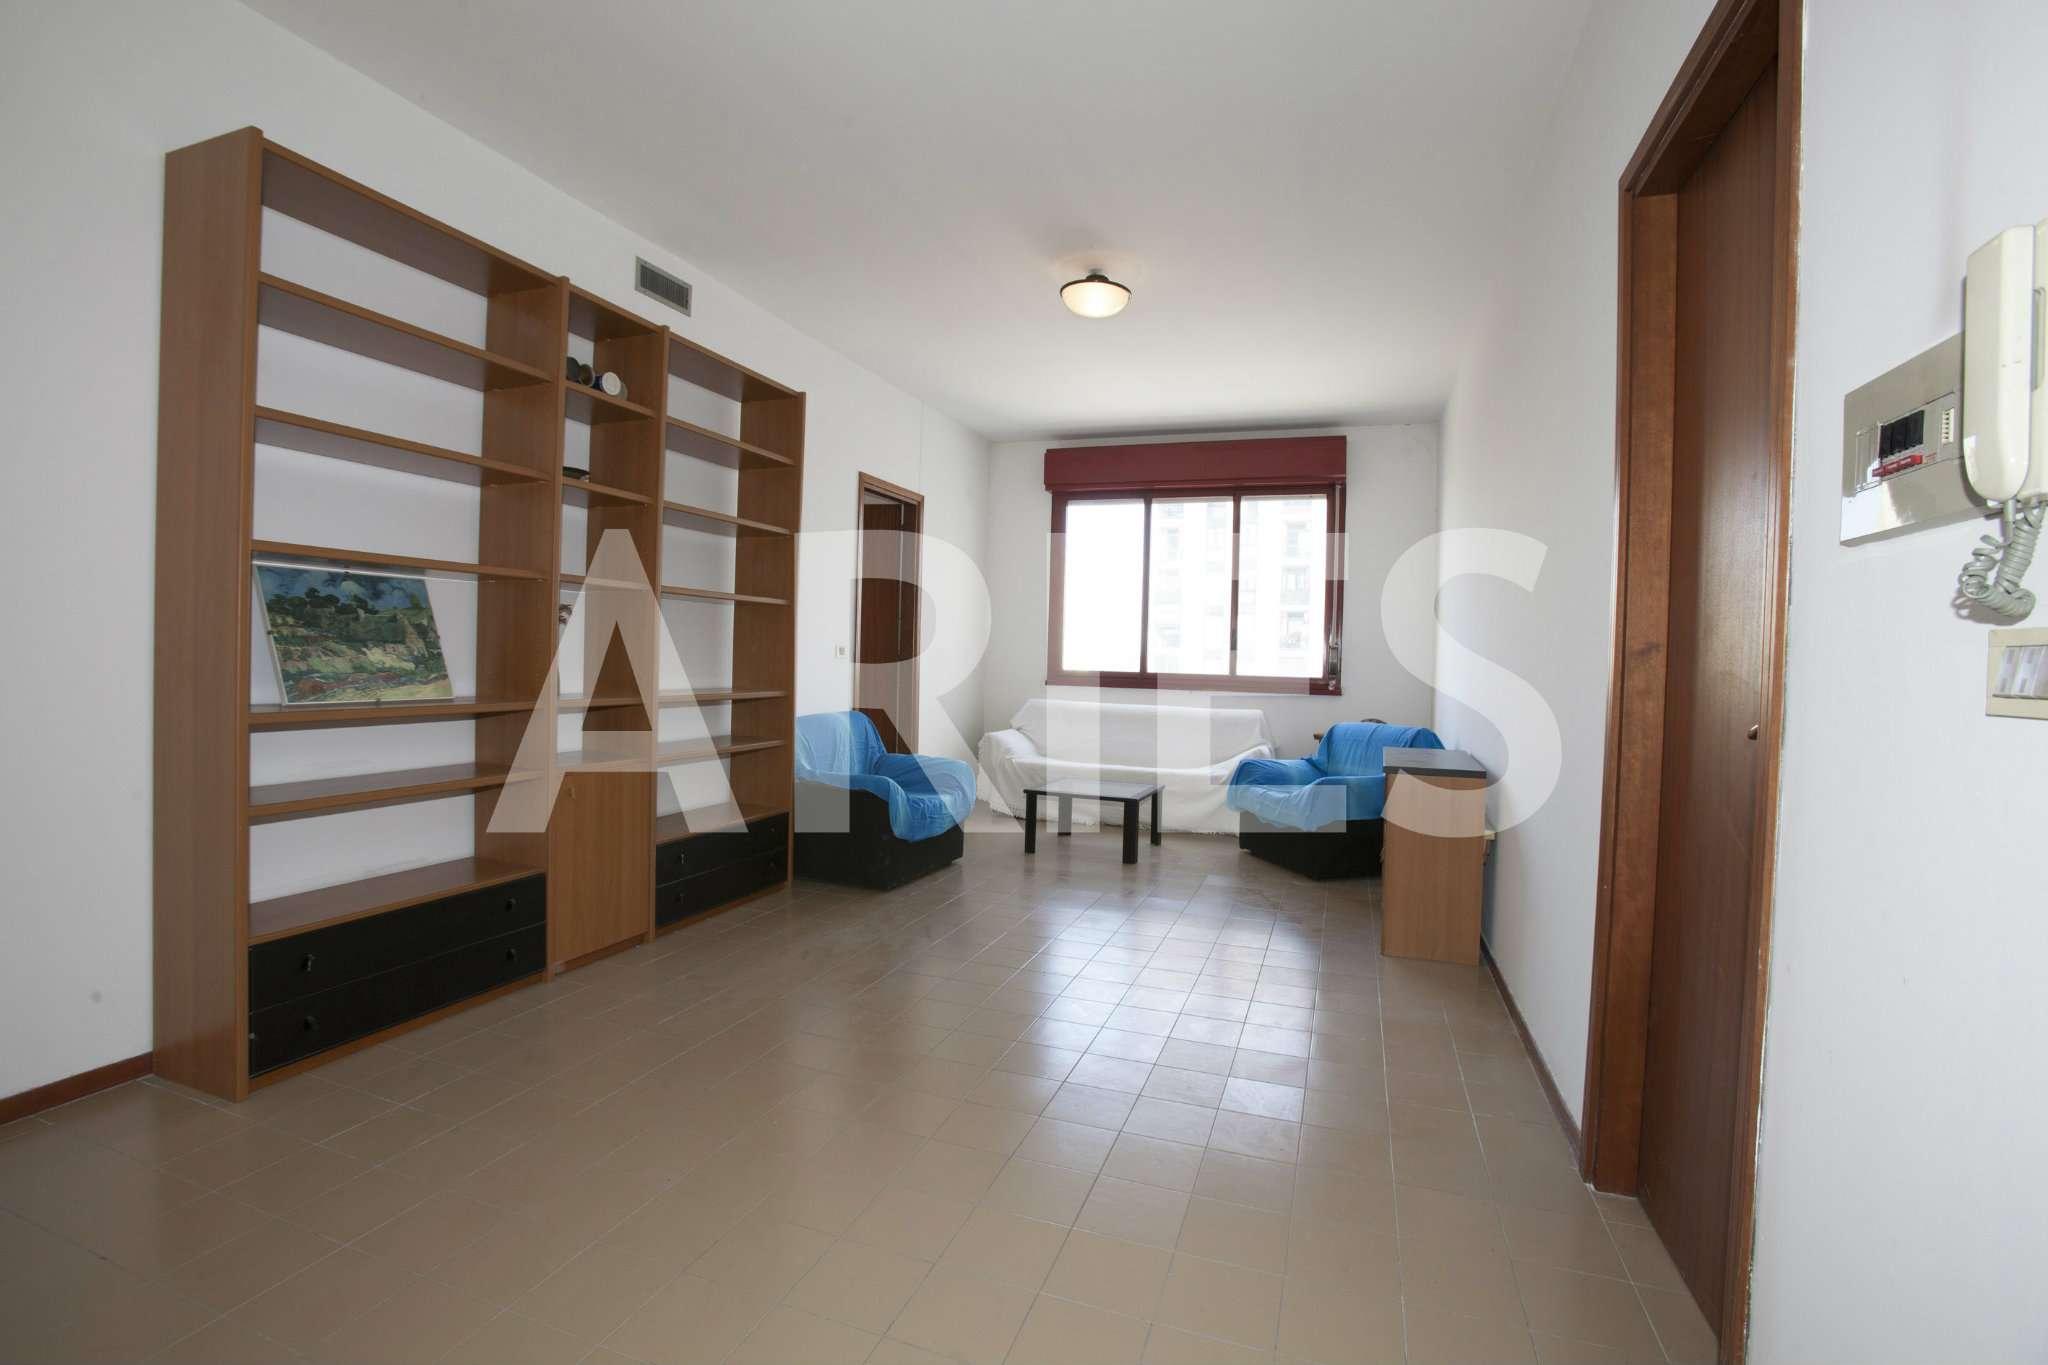 Appartamento in vendita a Roma, 4 locali, zona Zona: 21 . Laurentina, prezzo € 245.000 | CambioCasa.it